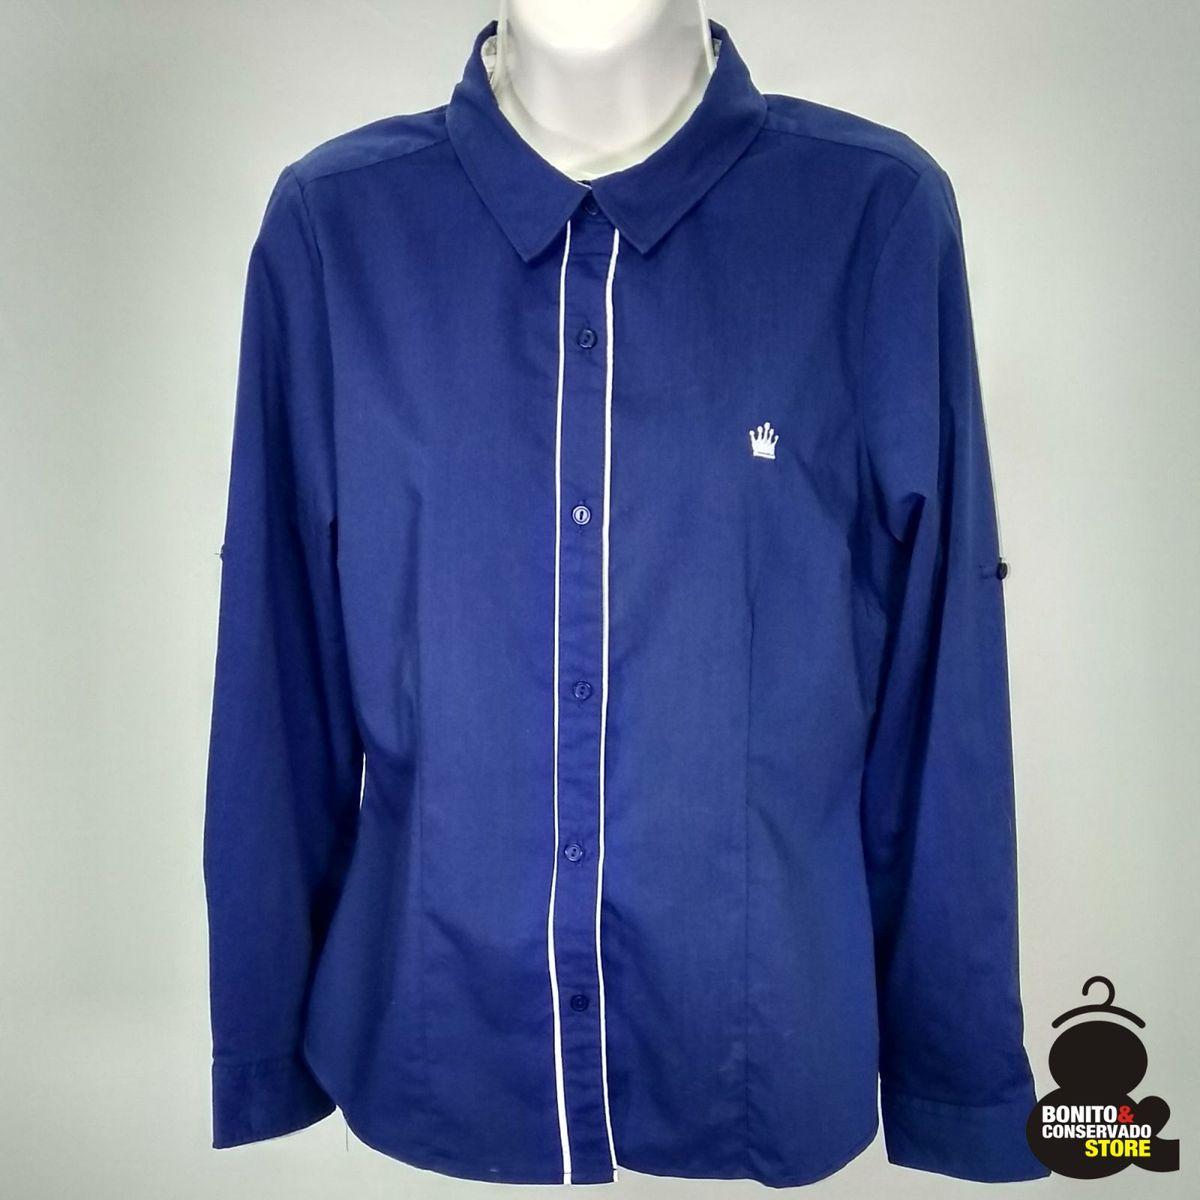 Camisa Social Feminina Azul Marinho  86715c9ee90e7